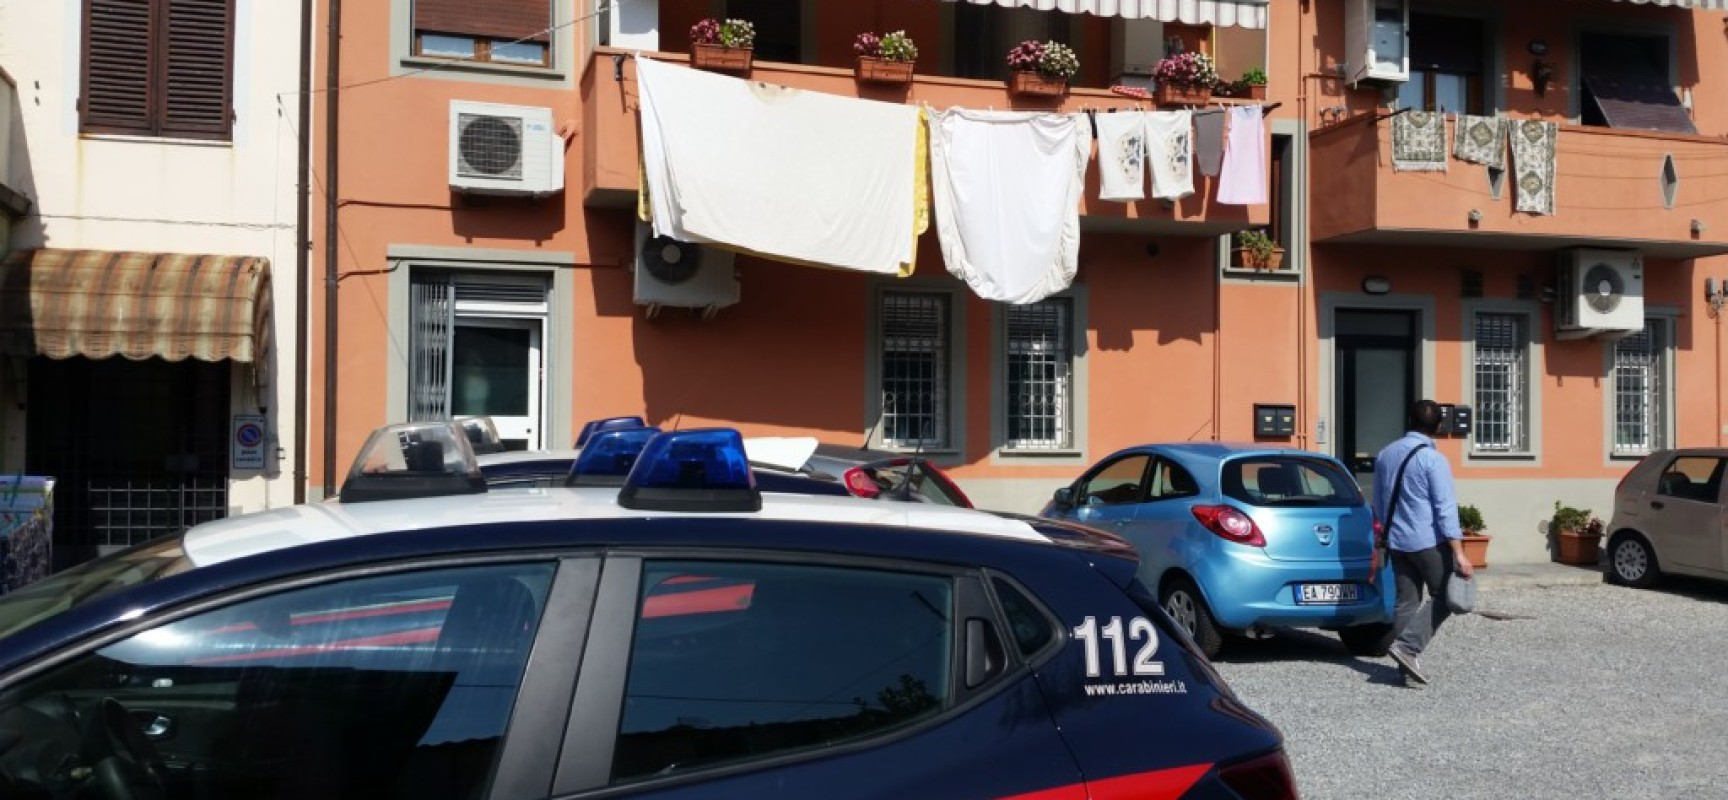 furto alle poste di Nave; i banditi scappano con 100mila euro